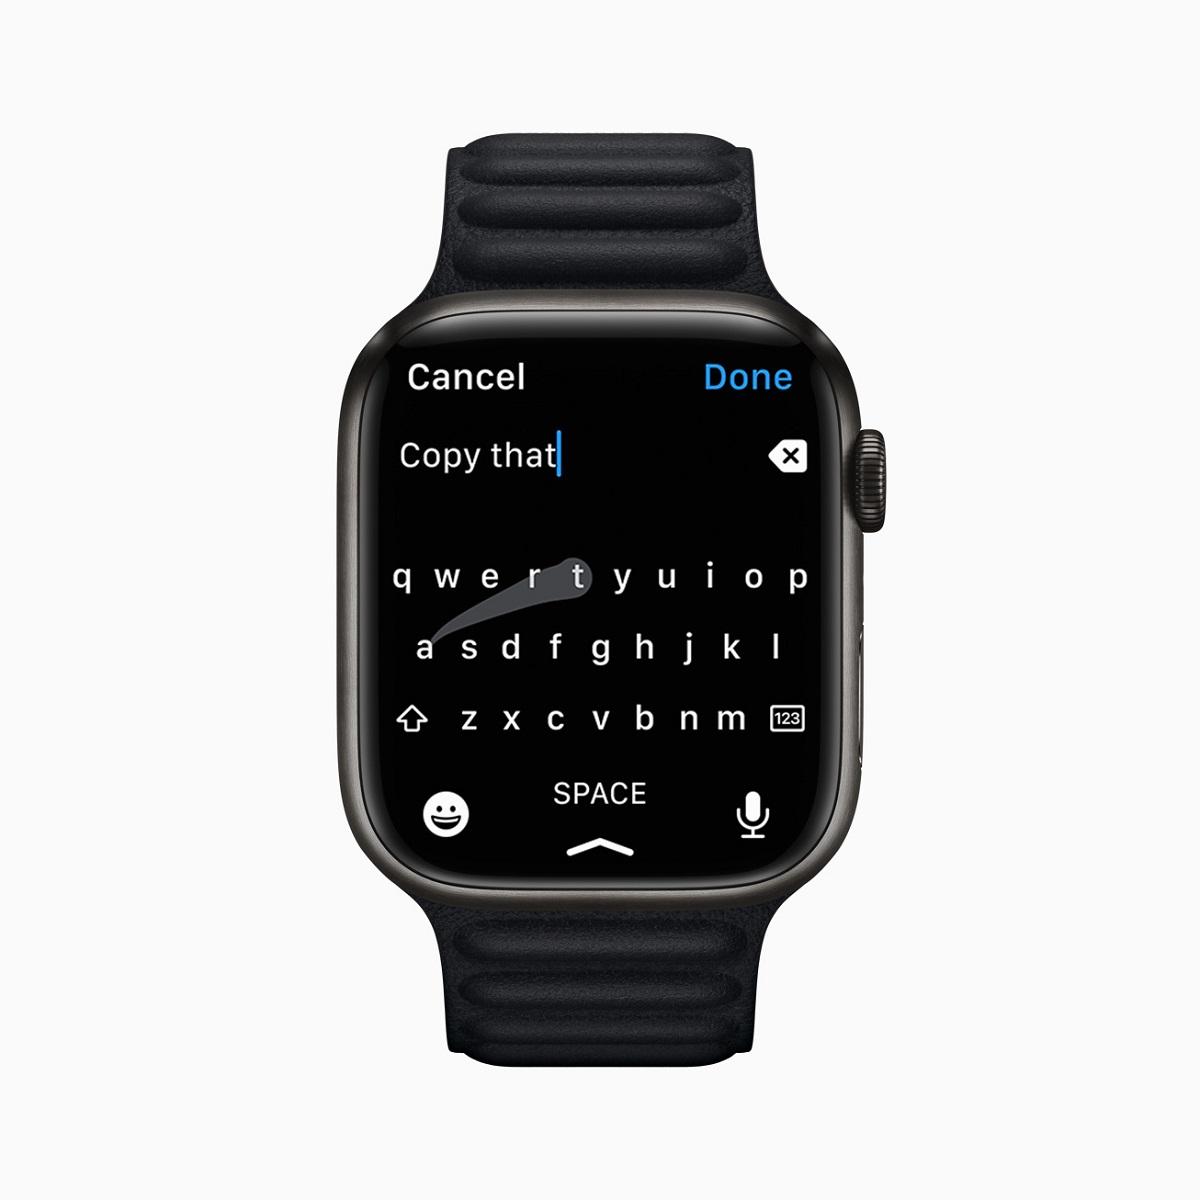 Apple Watch Series 7 предлагает новую клавиатуру QWERTY, которую можно нажимать или проводить с помощью QuickPath, что позволяет пользователям печатать пальцем.